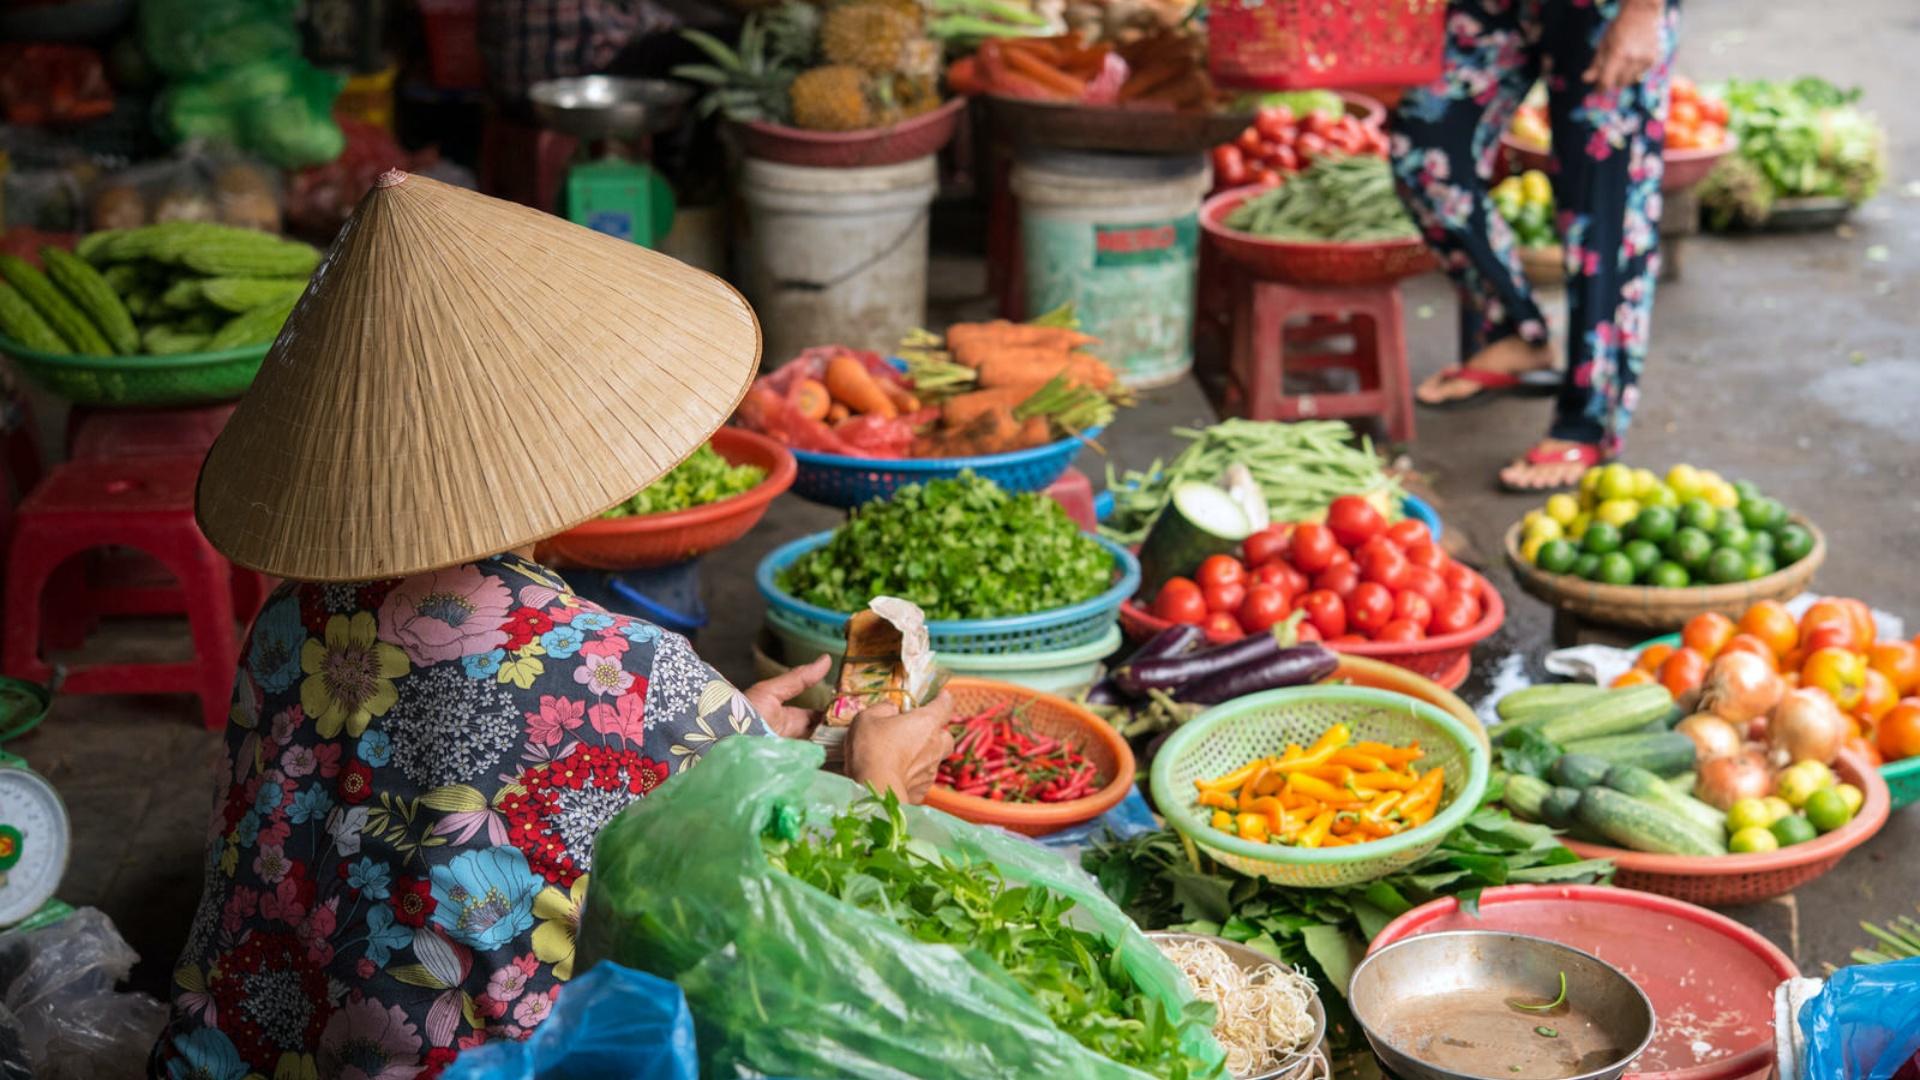 <b>VIETNAM</b>